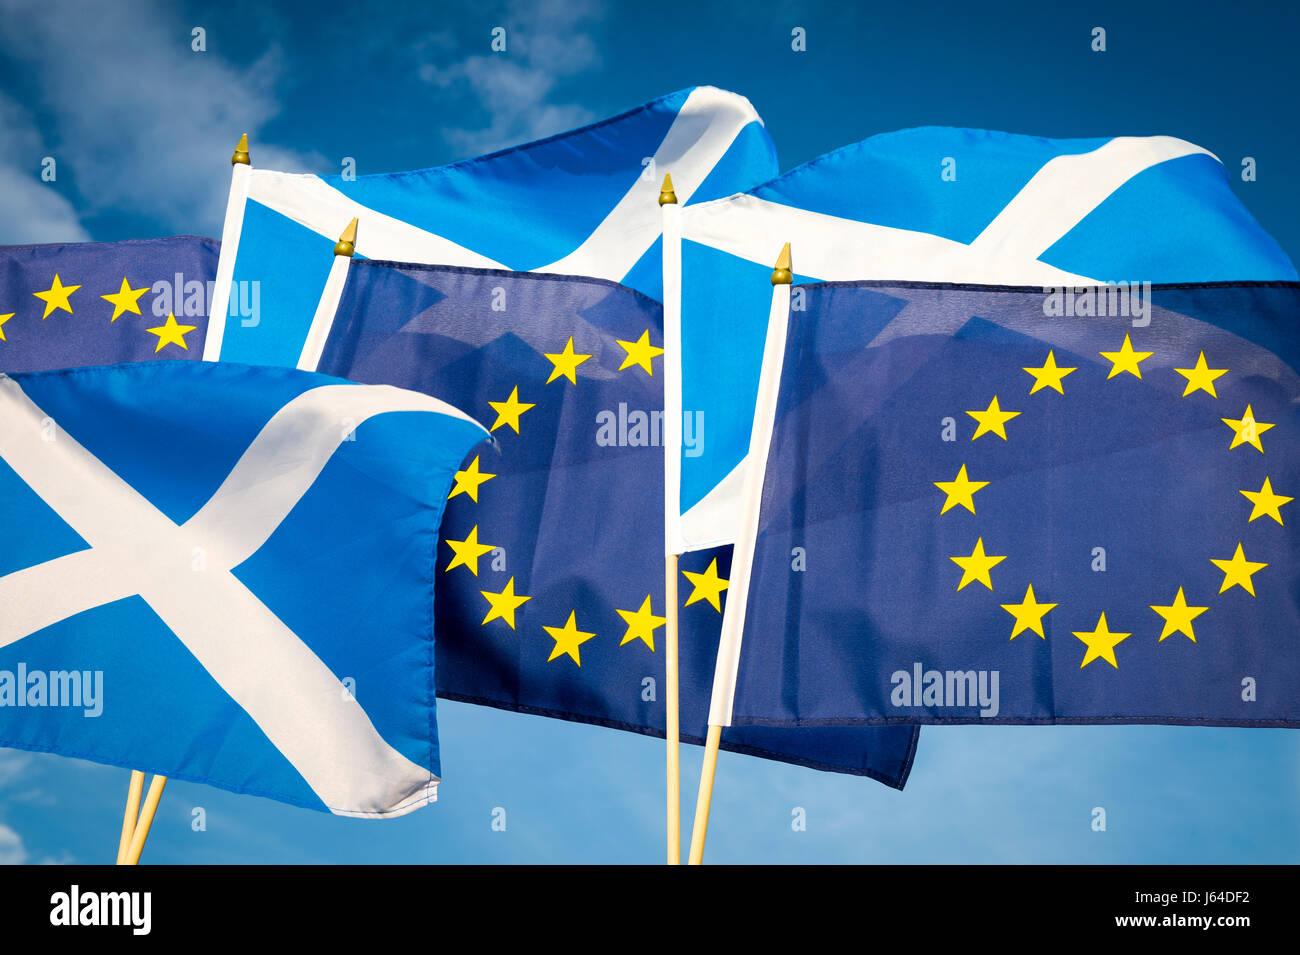 Flagge von Schottland und der Europäischen Union fliegen zusammen in den Geist der Zusammenarbeit, wie Schottland Stockbild